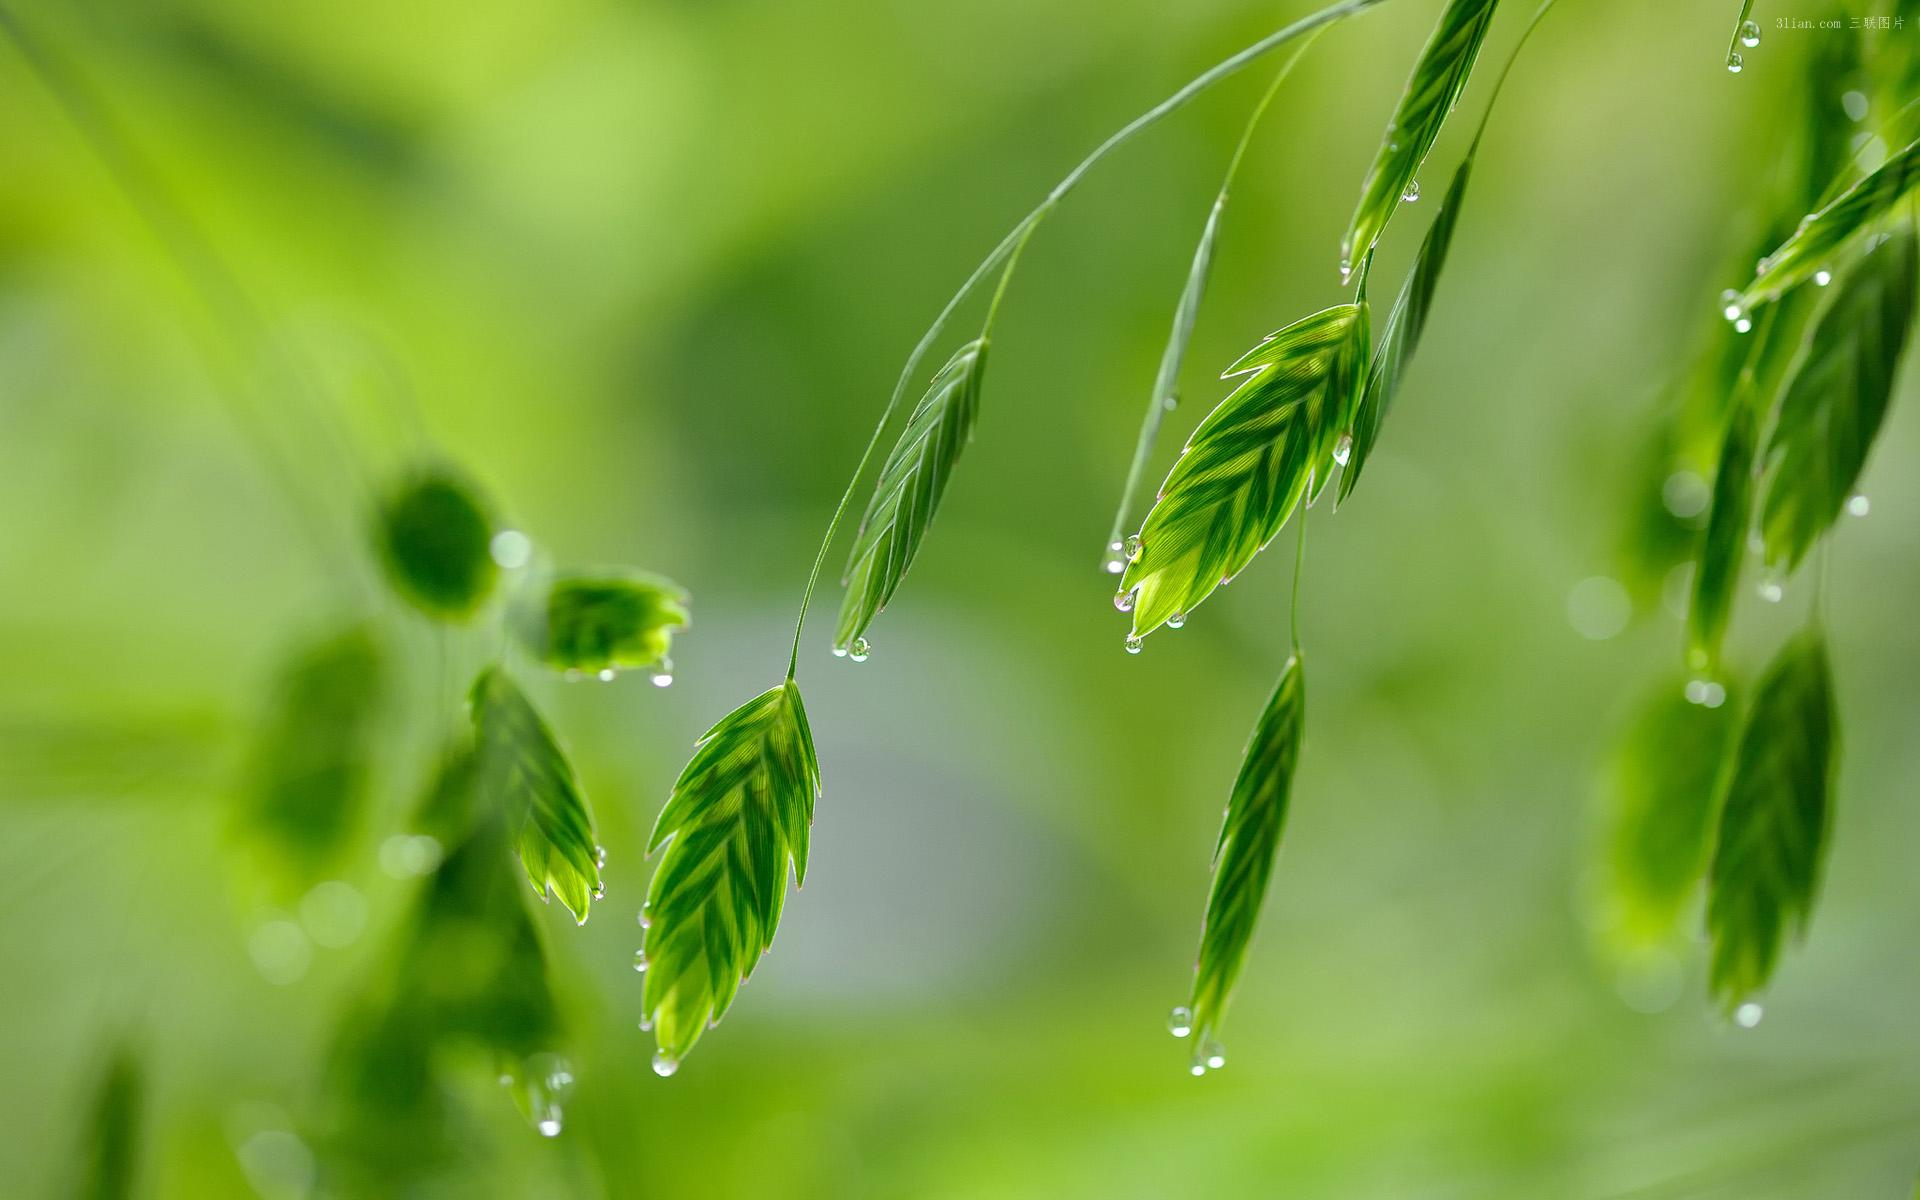 【檀香】雨已远,爱依旧(诗组)